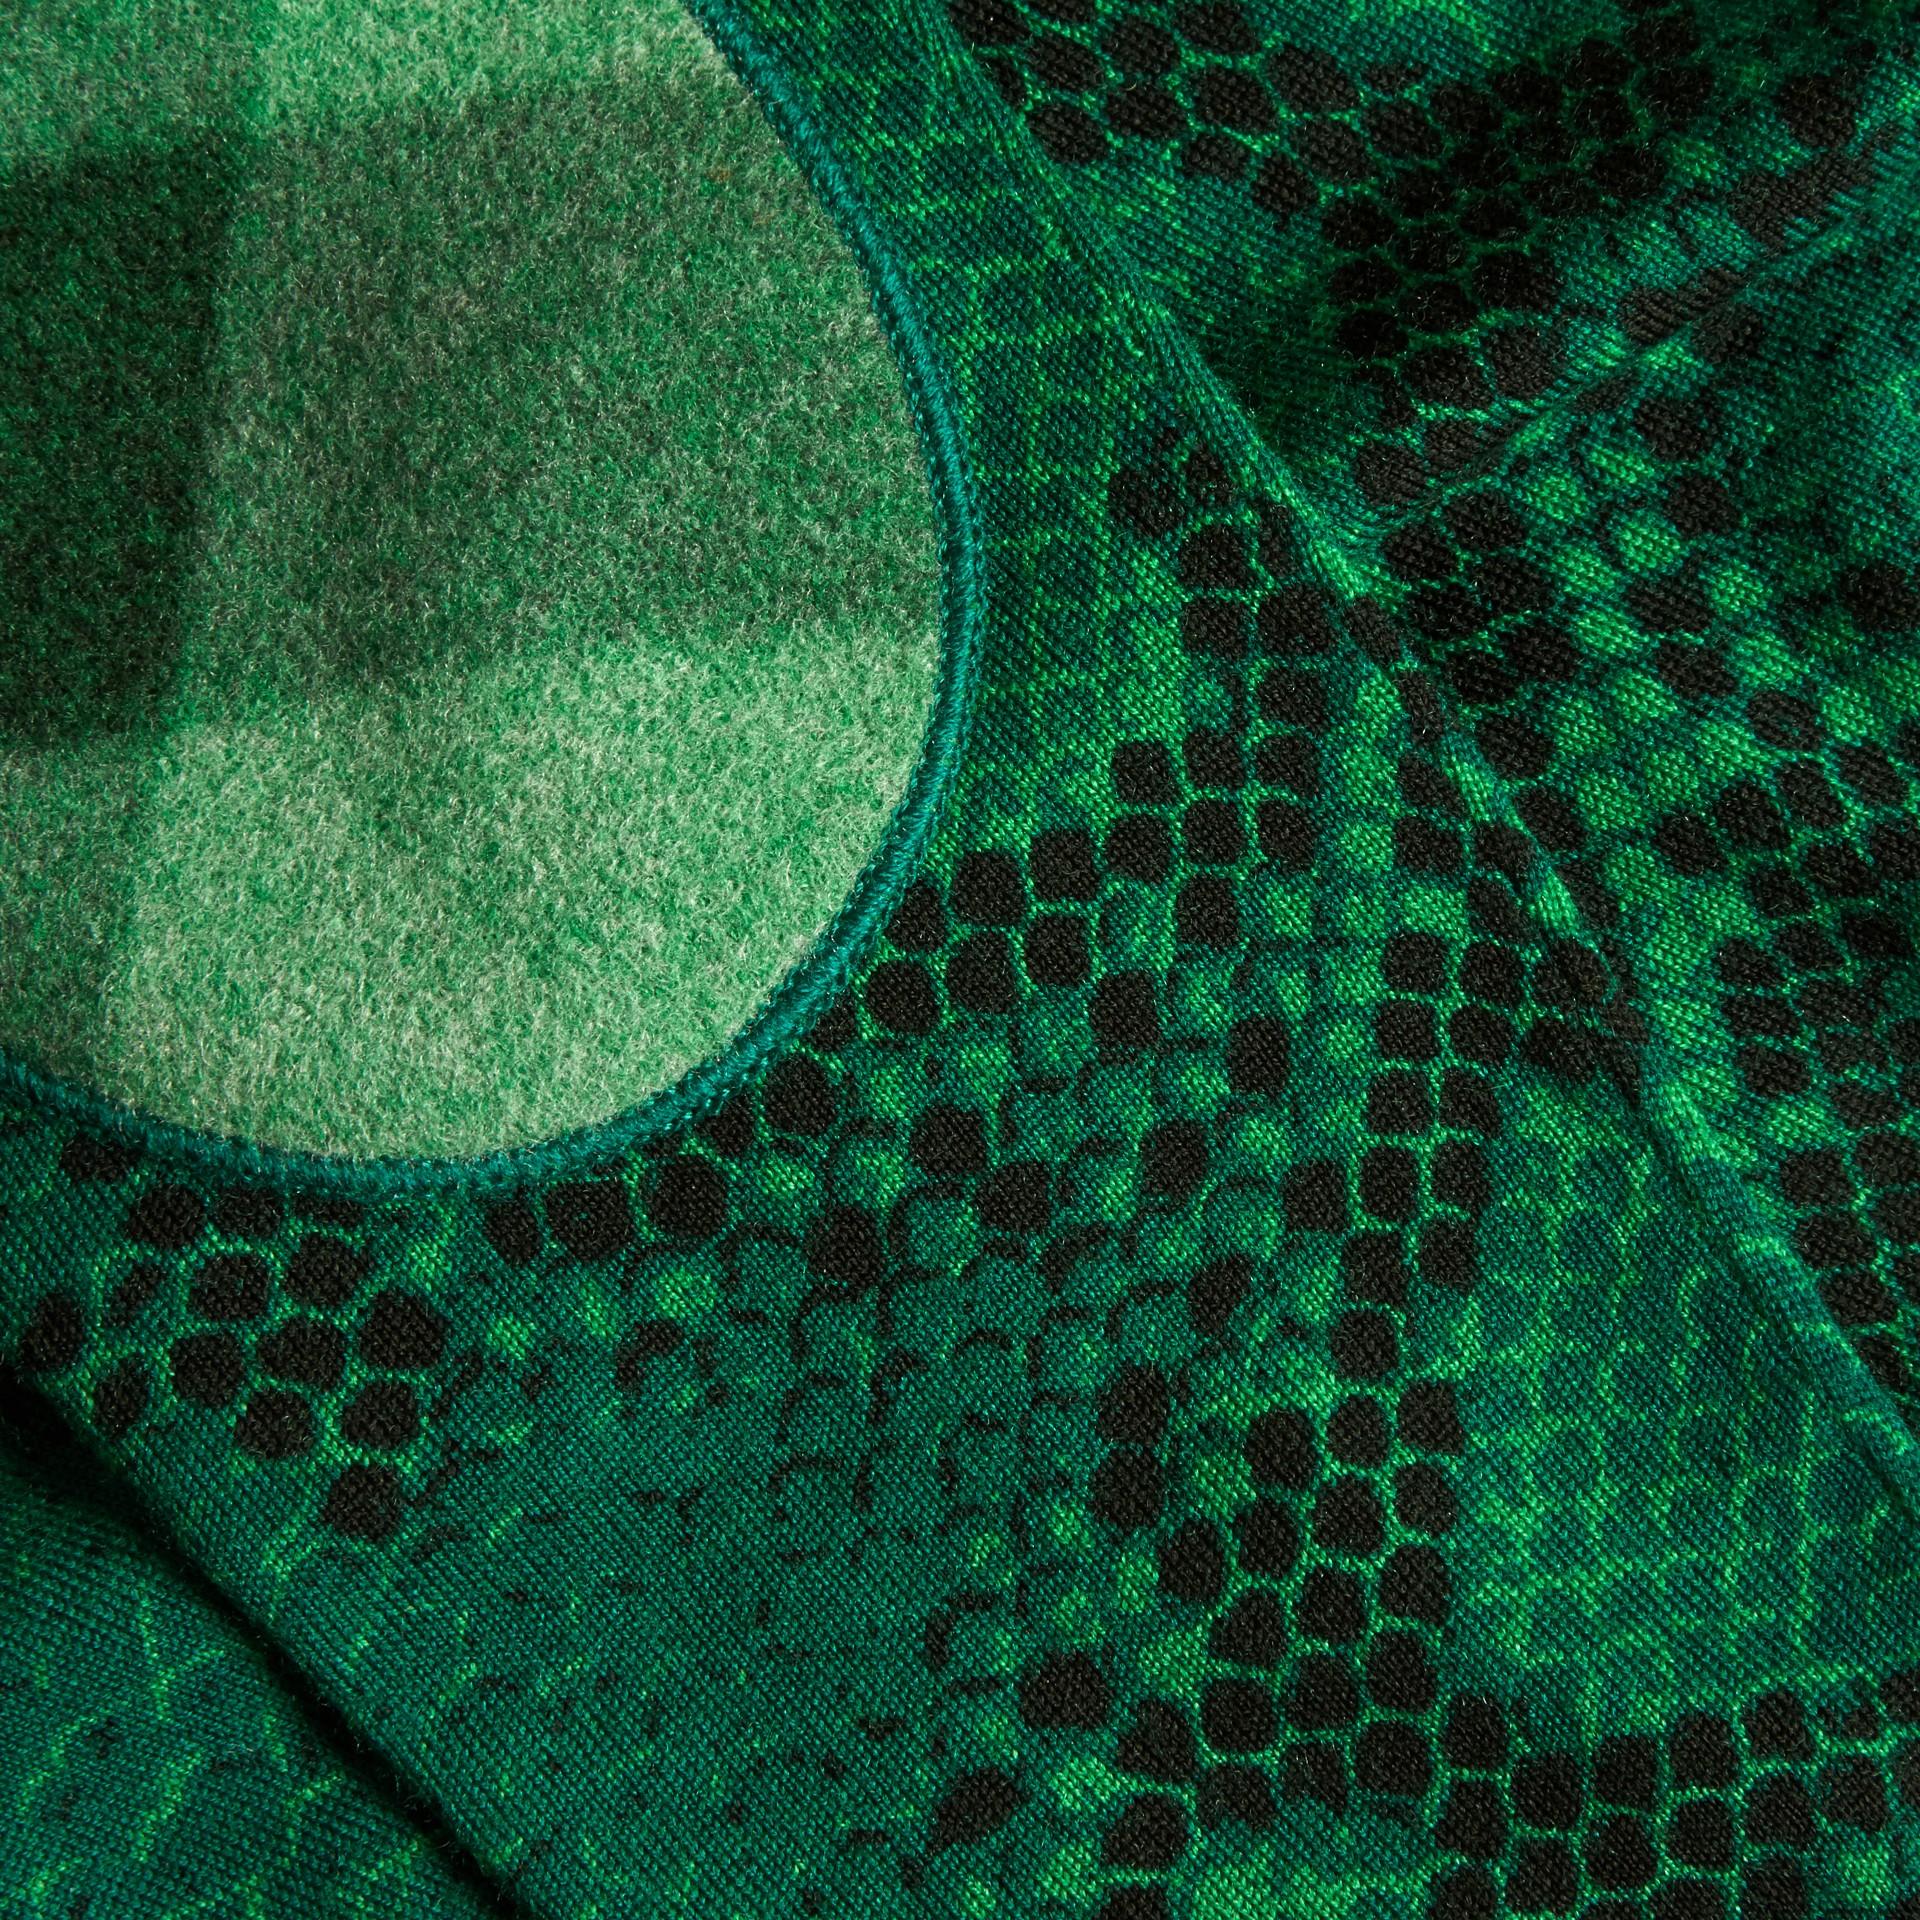 Verde pigmento Suéter de lã Merino com estampa de píton e detalhe xadrez Verde Pigmento - galeria de imagens 2